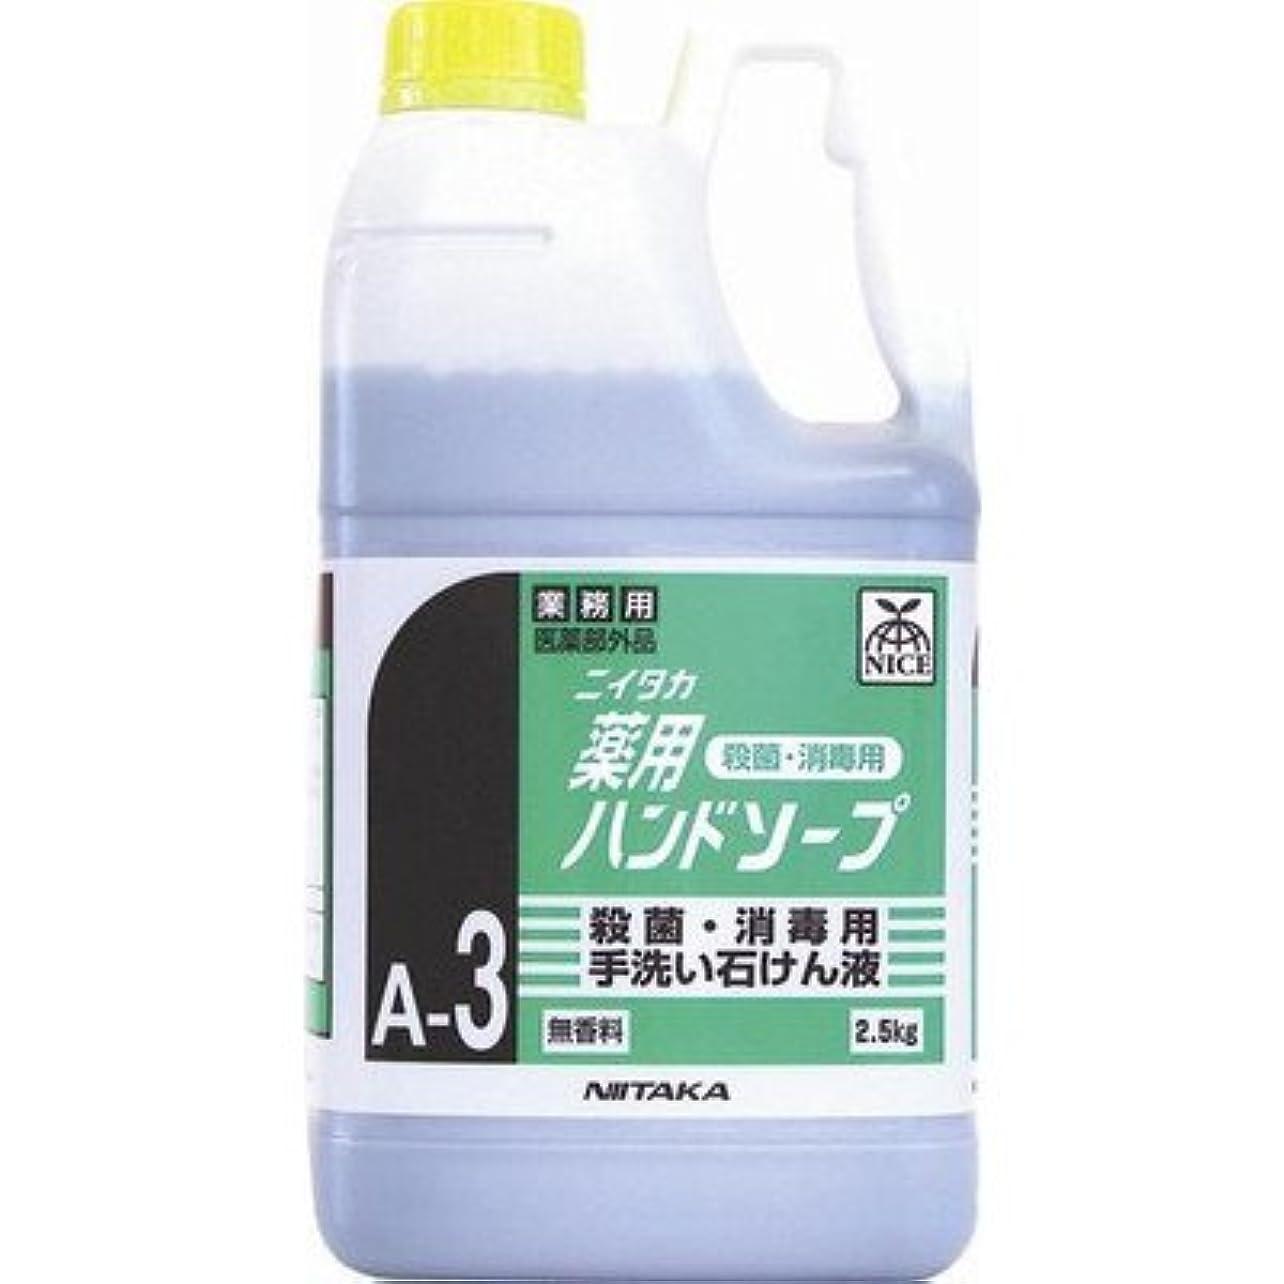 羨望マイクロプロセッサ不健康ニイタカ 業務用手洗い石けん液 薬用ハンドソープ(A-3) 2.5kg×6本